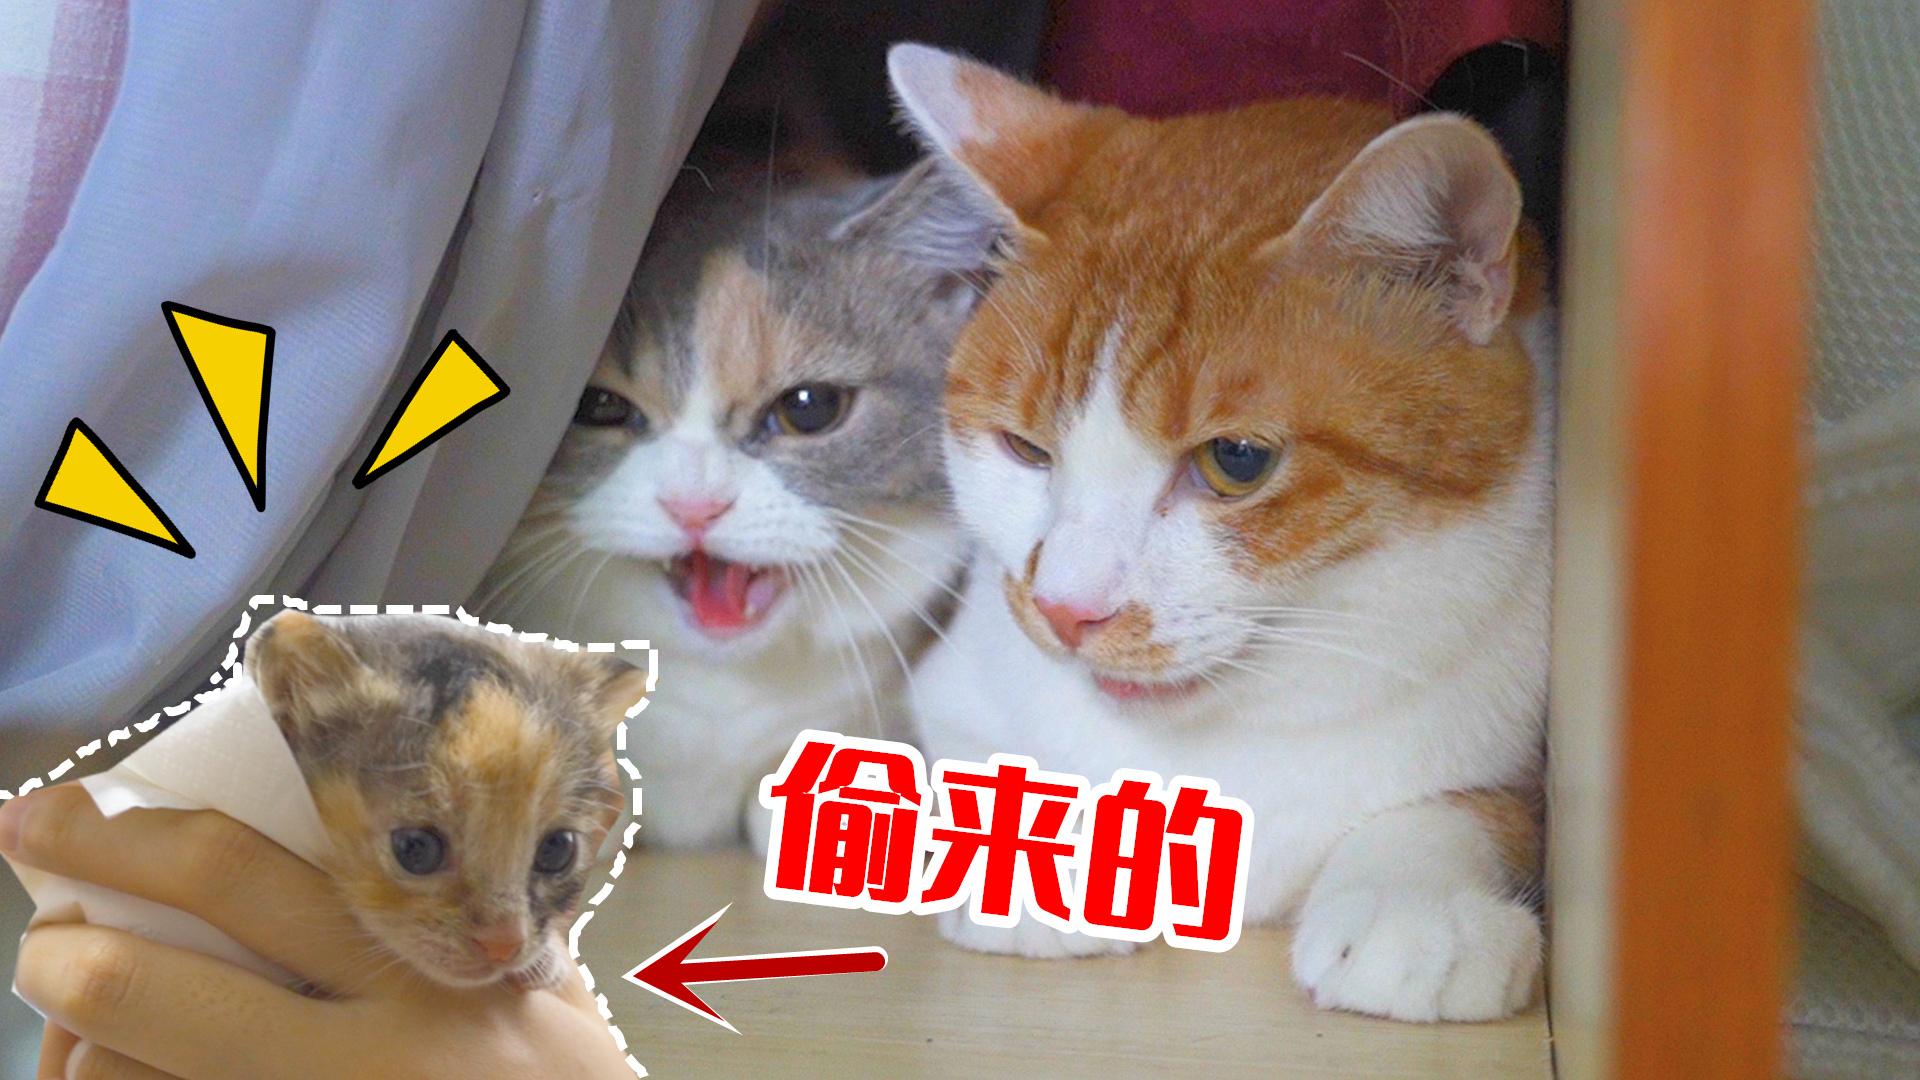 主人趁母猫不在,偷走小奶猫给家里公猫当孩子!